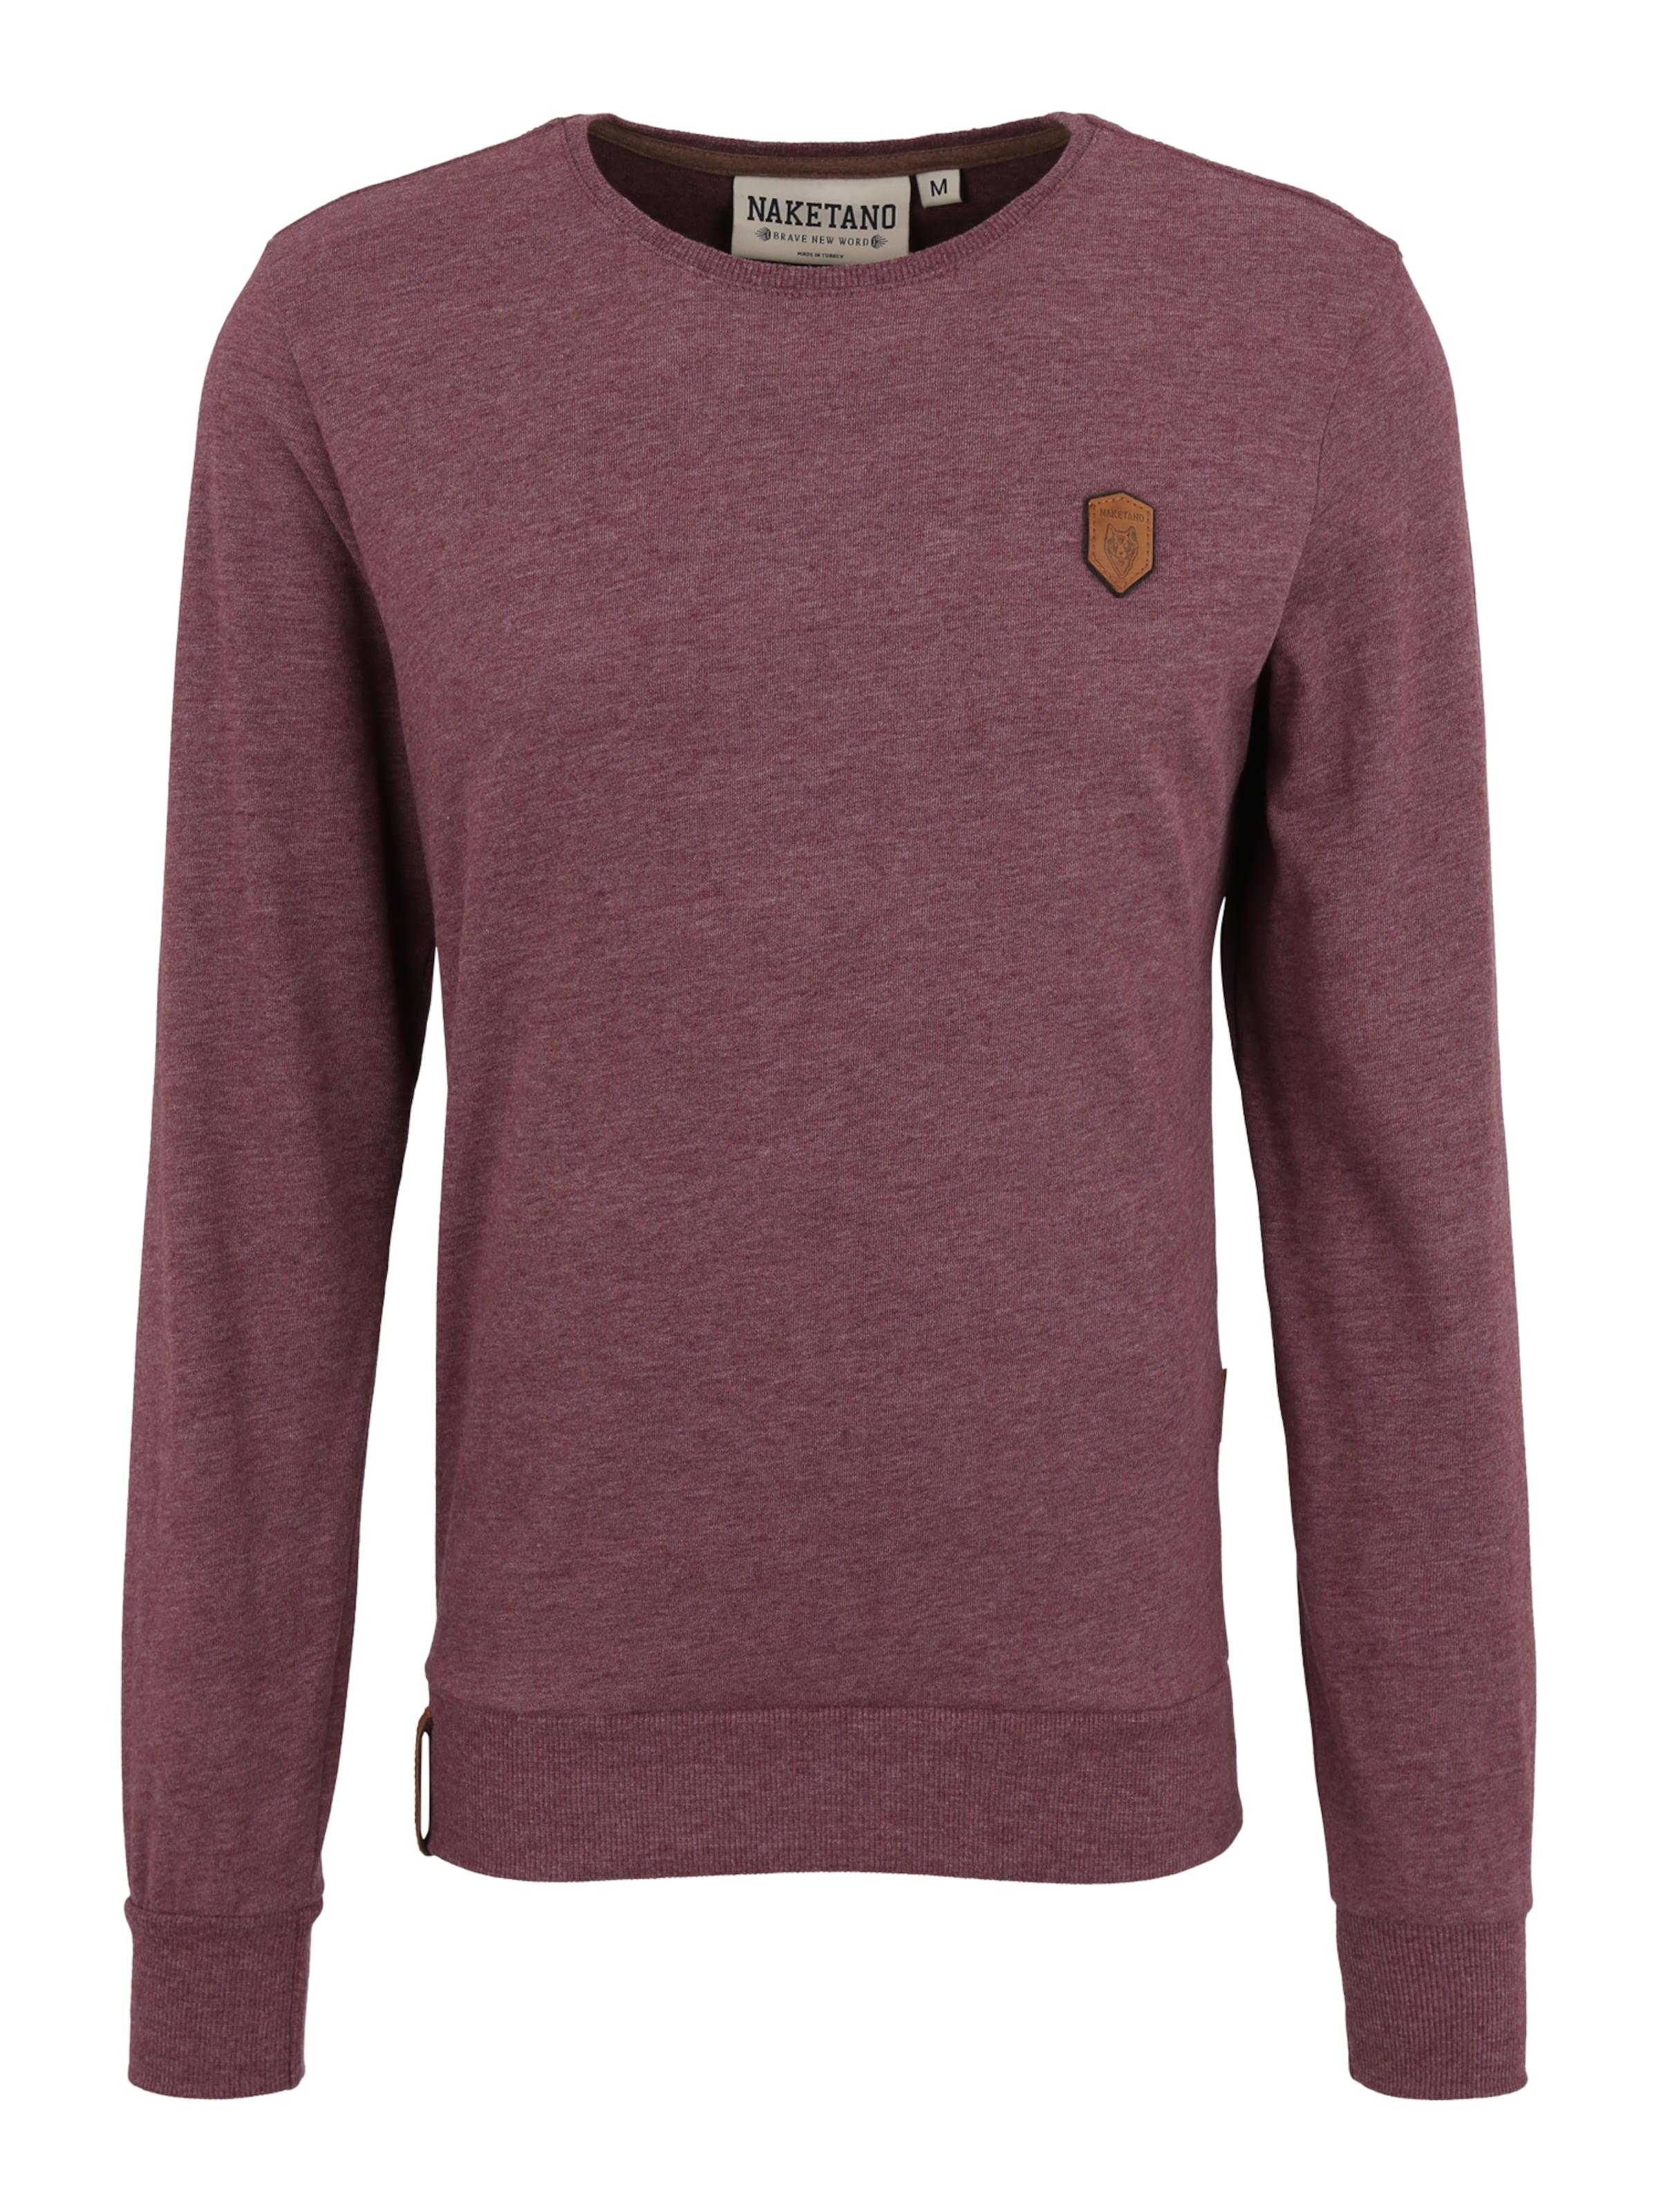 Sweat K shirt Naketano Bordeaux En 'al ohol' Yfyb76g